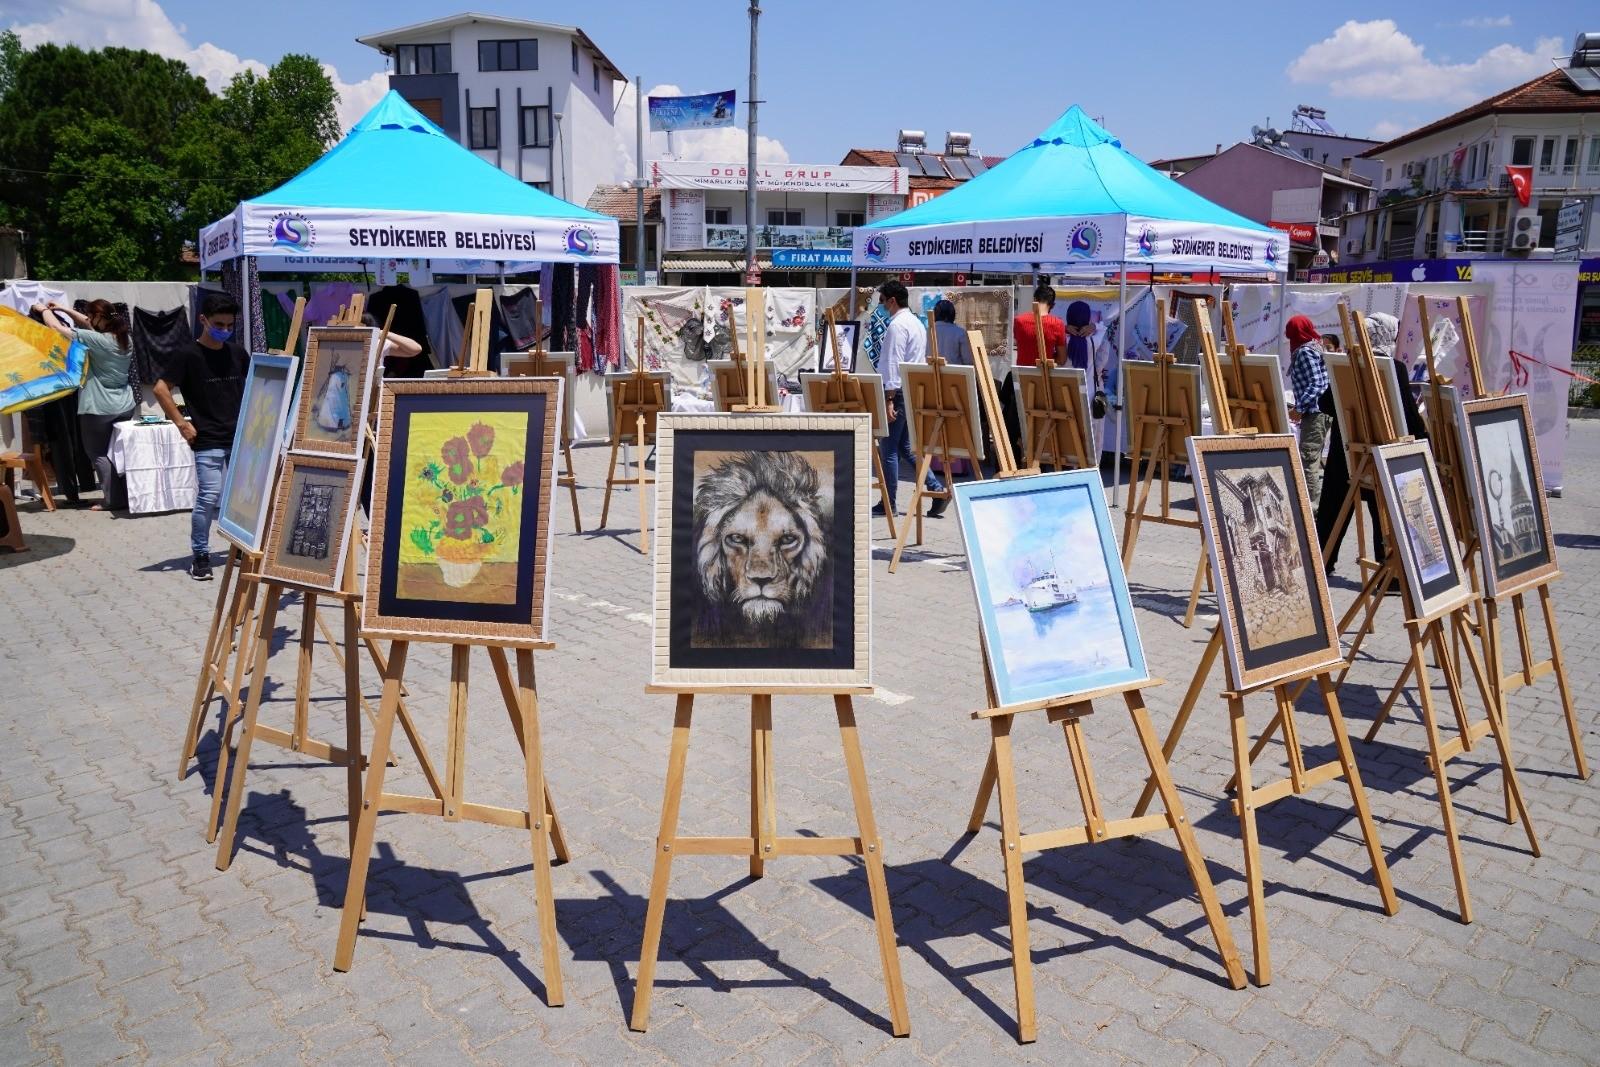 Seydikemer'de 'Hayat Boyu Öğrenme' sergisi açıldı